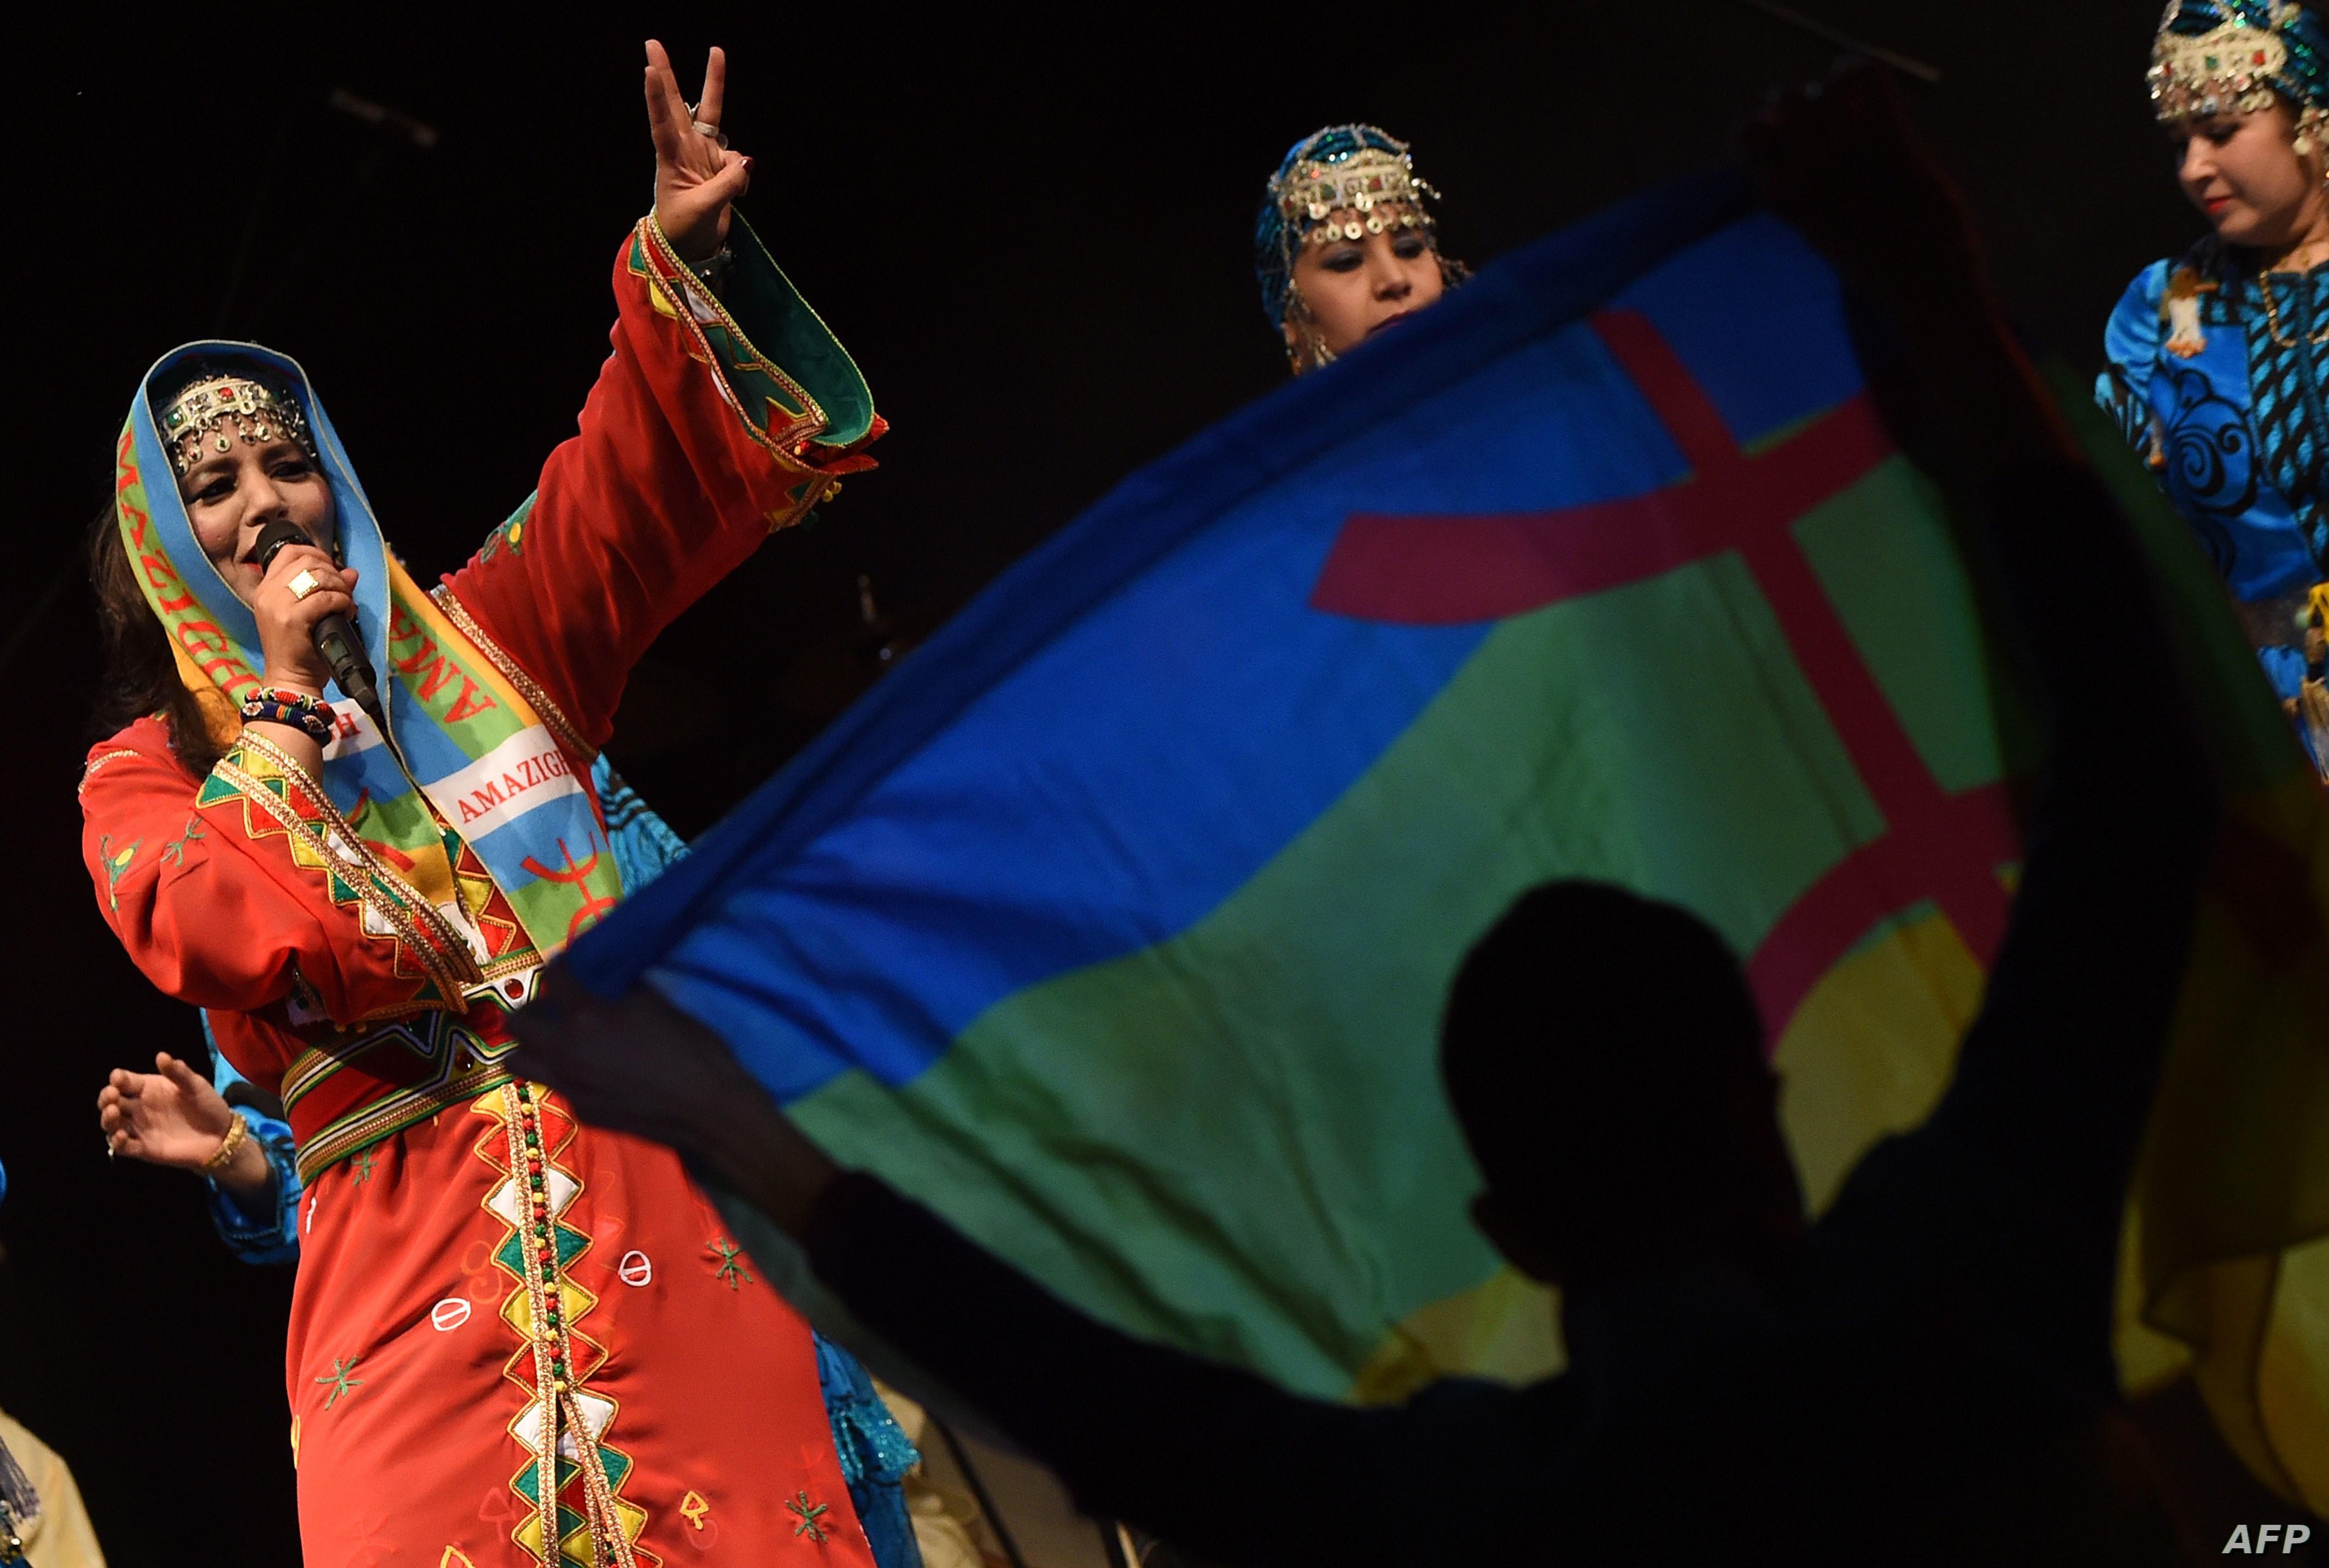 لا يخلو شهر كانون الثاني/يناير من الاحتفالات والطقوس التي تعكس الهوية الأمازيغية خاصة في الدول المغاربية